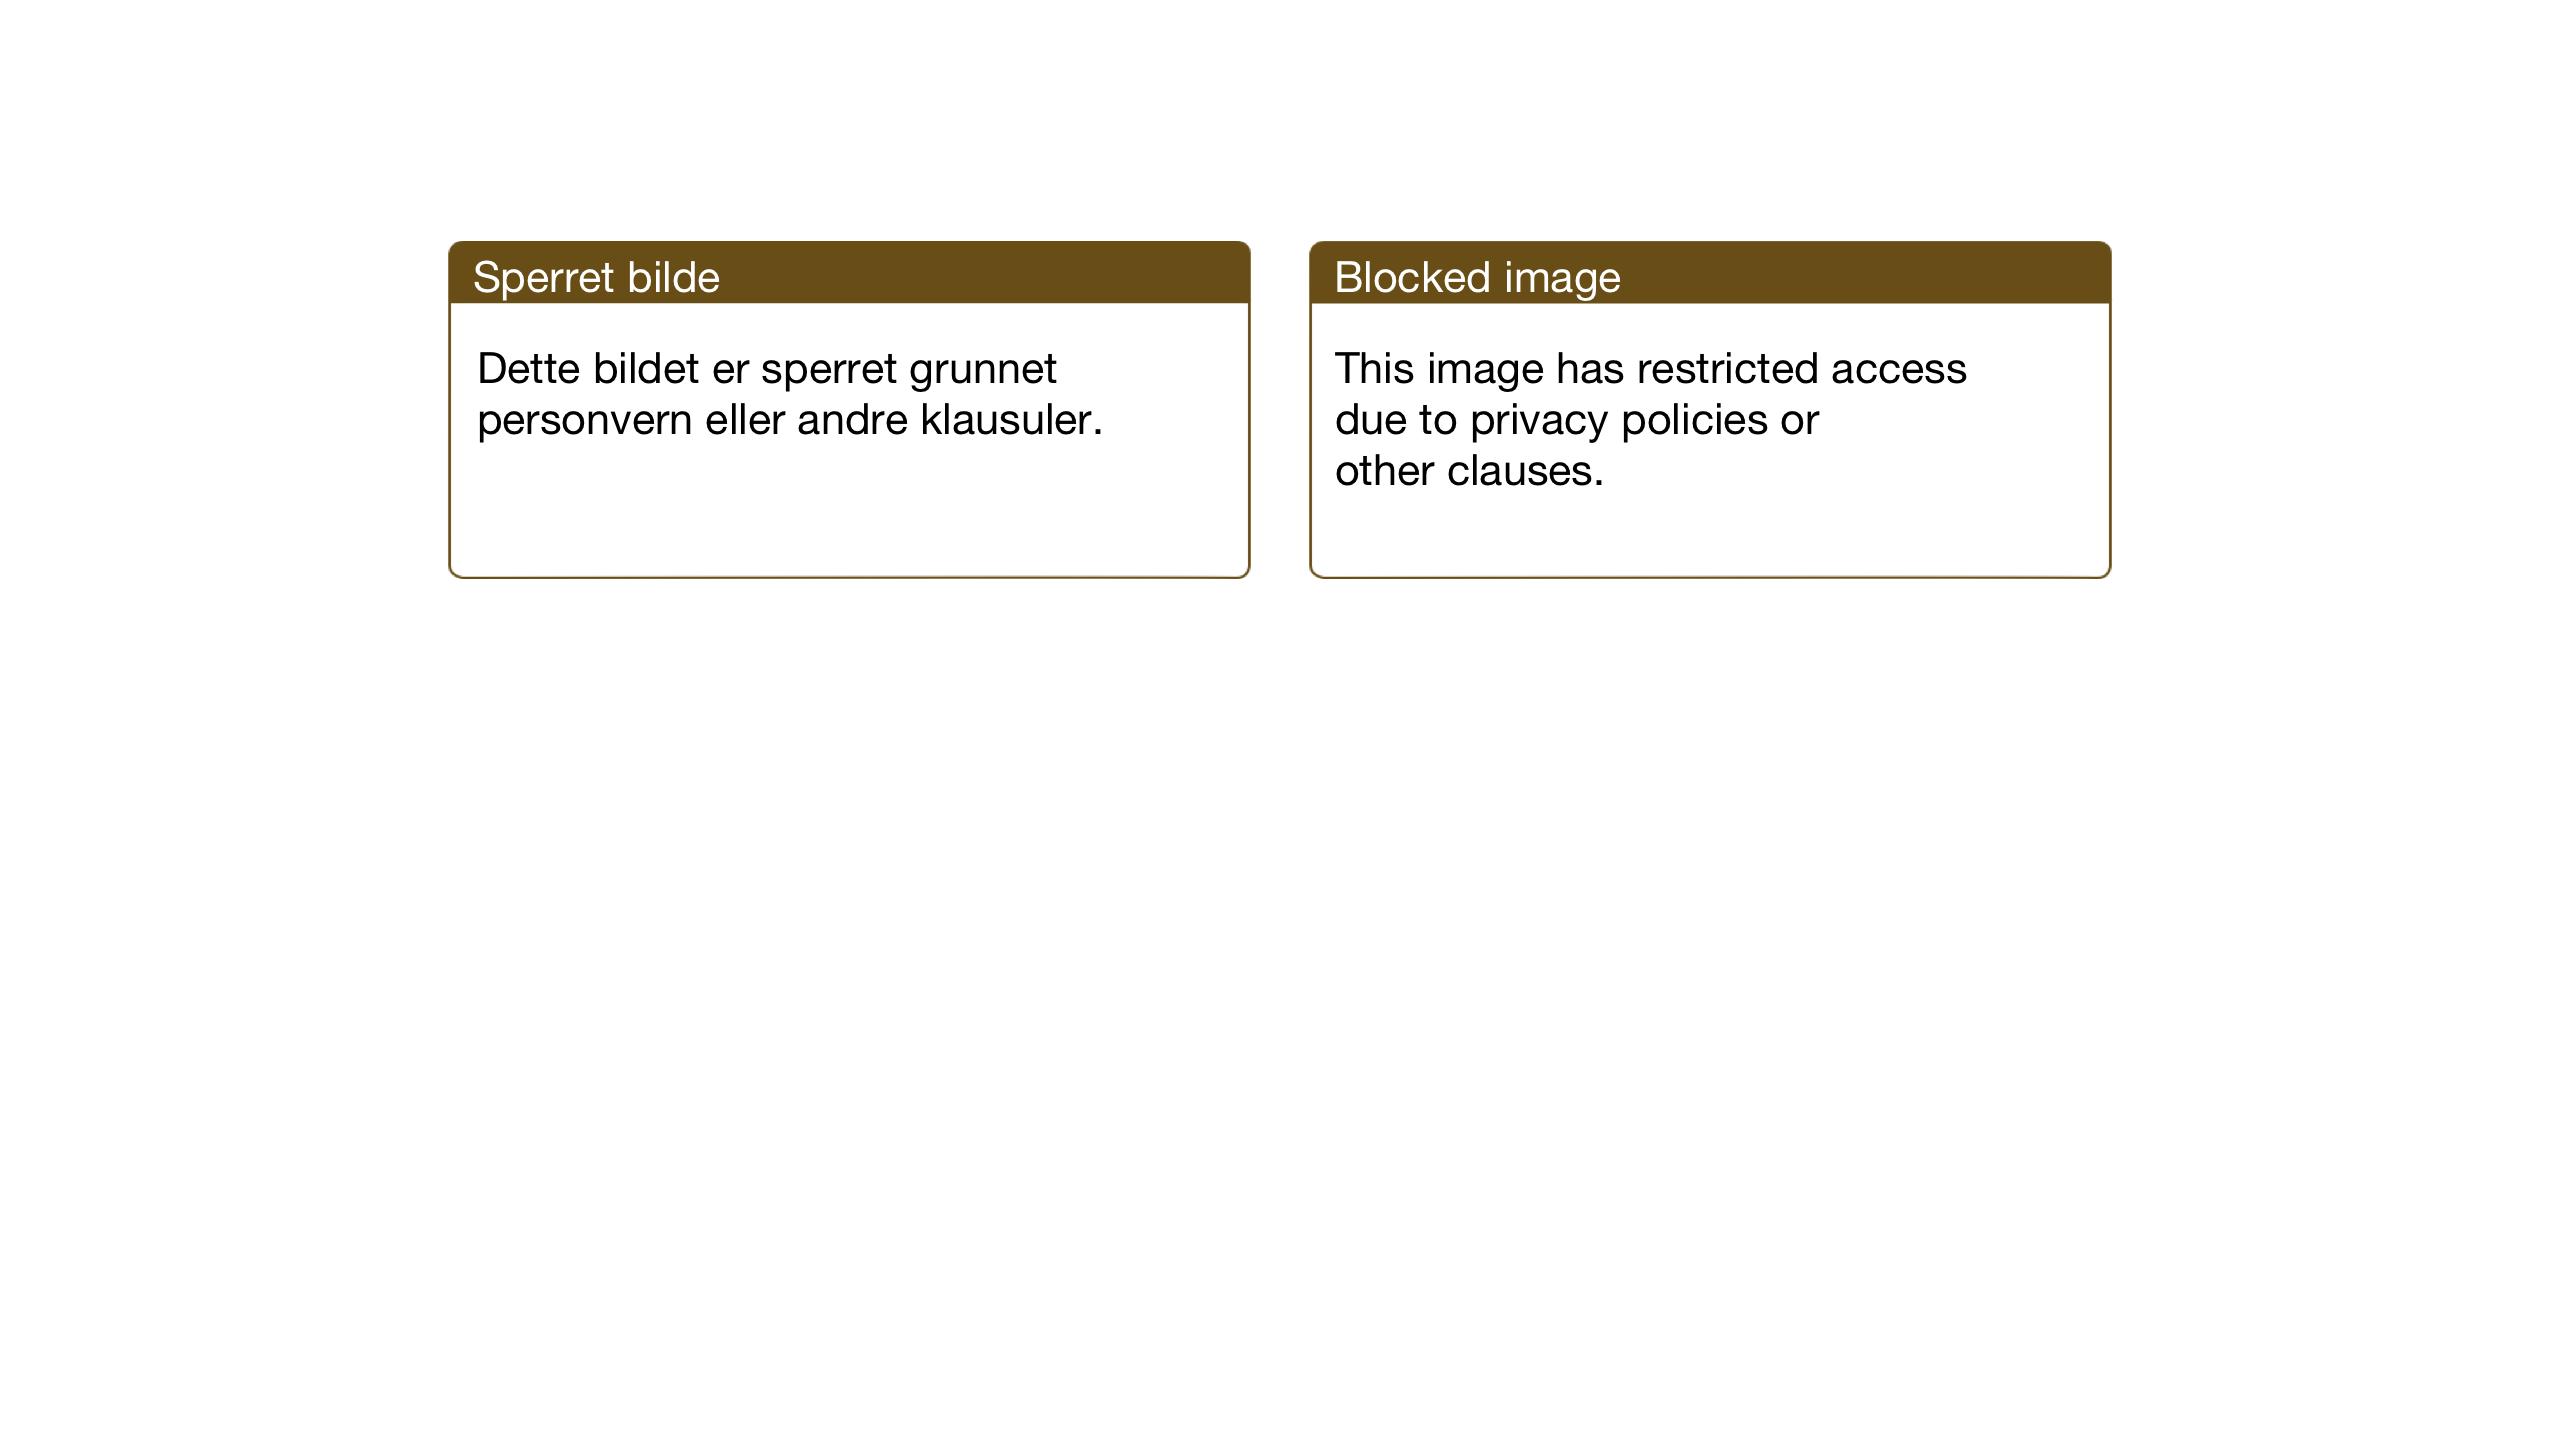 SAT, Ministerialprotokoller, klokkerbøker og fødselsregistre - Nord-Trøndelag, 773/L0625: Klokkerbok nr. 773C01, 1910-1952, s. 109